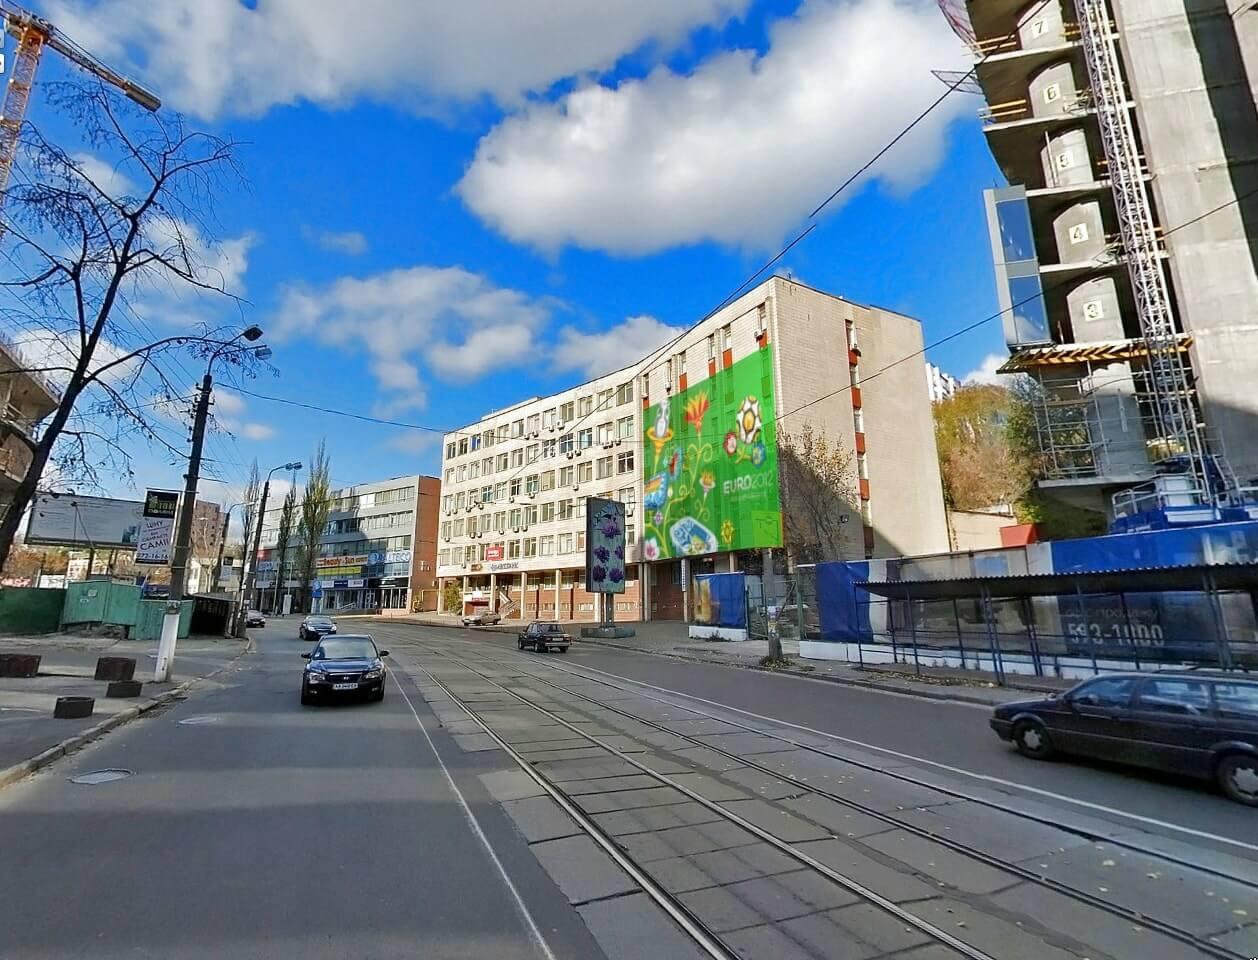 Glubochitska Street